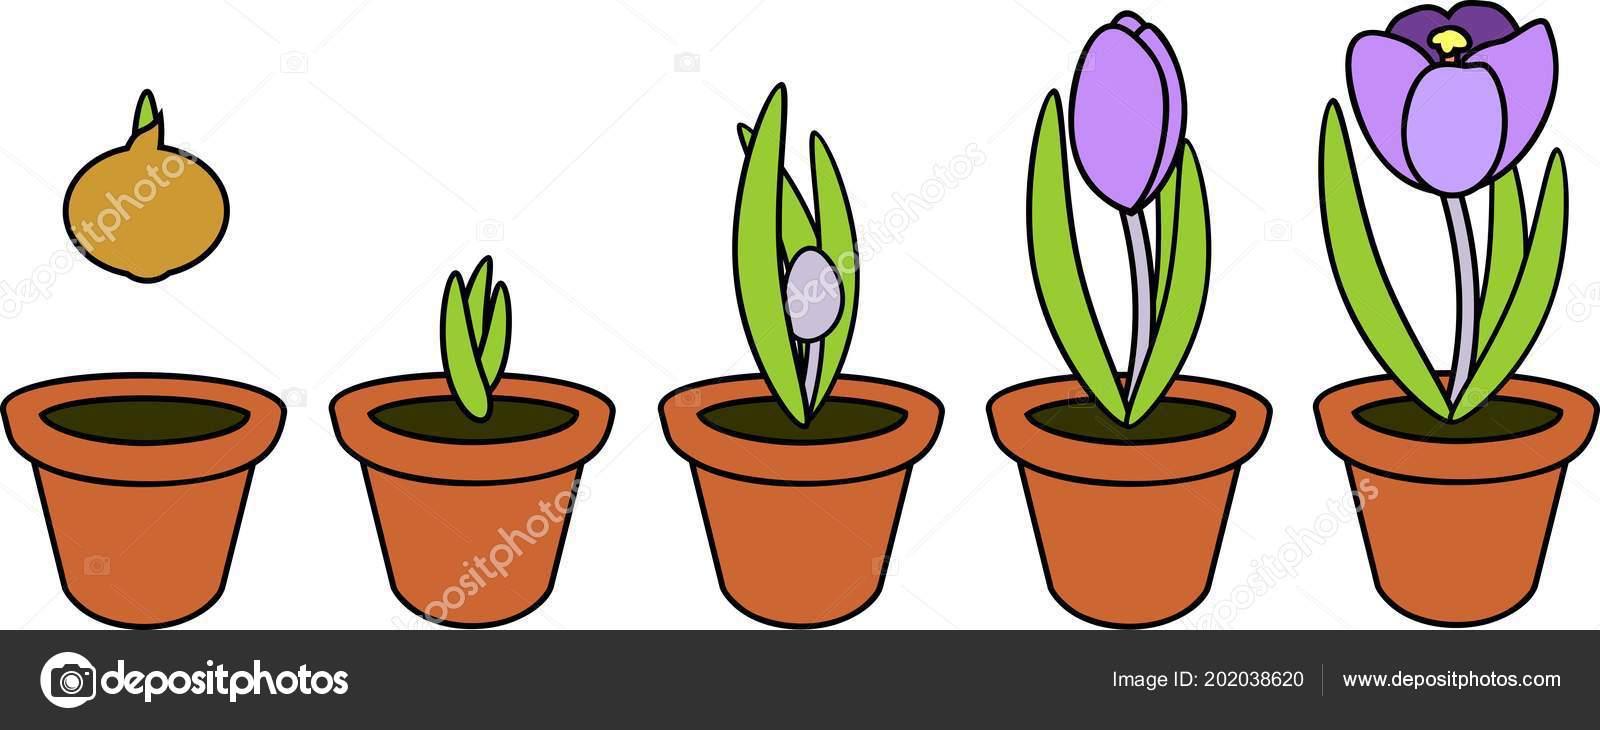 Coloriage Fleurs Bulbe.Cycle Vie Crocu Stades Croissance Plantation Bulbe Pot Fleurs Plante